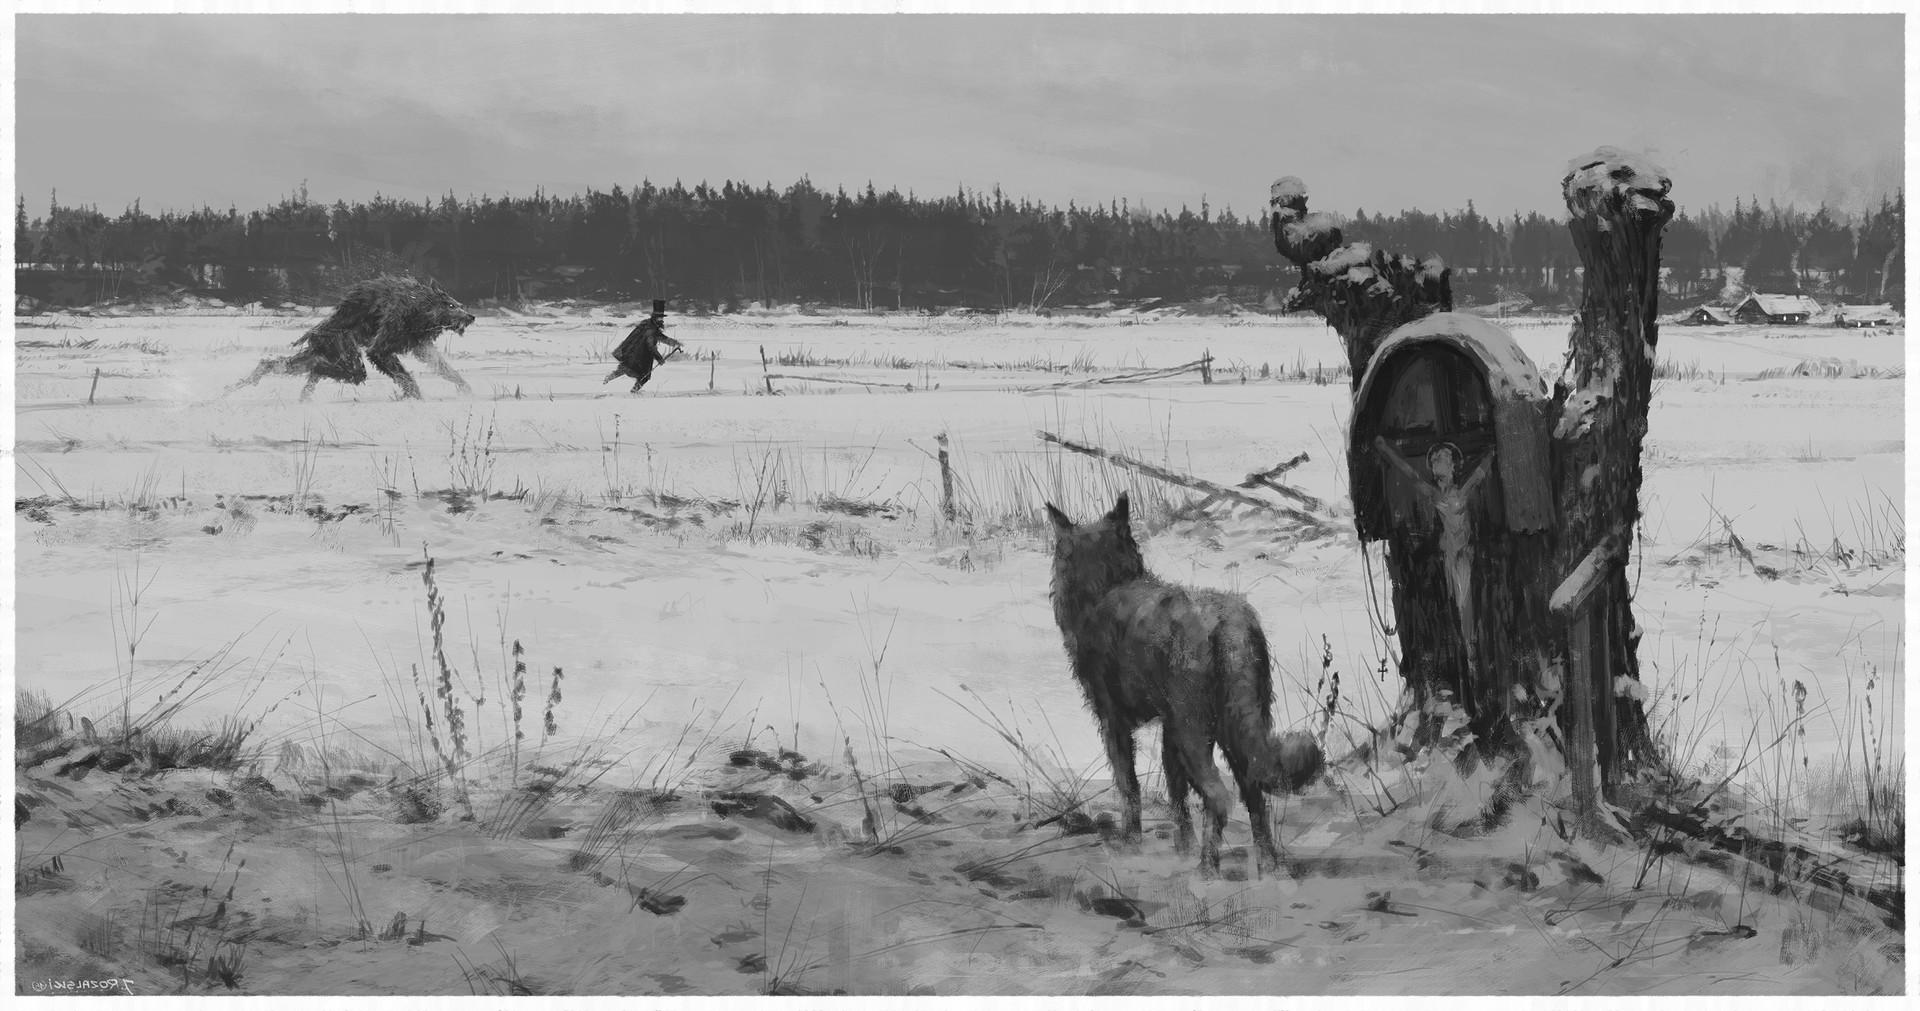 Jakub rozalski werewolves1863 01process3a